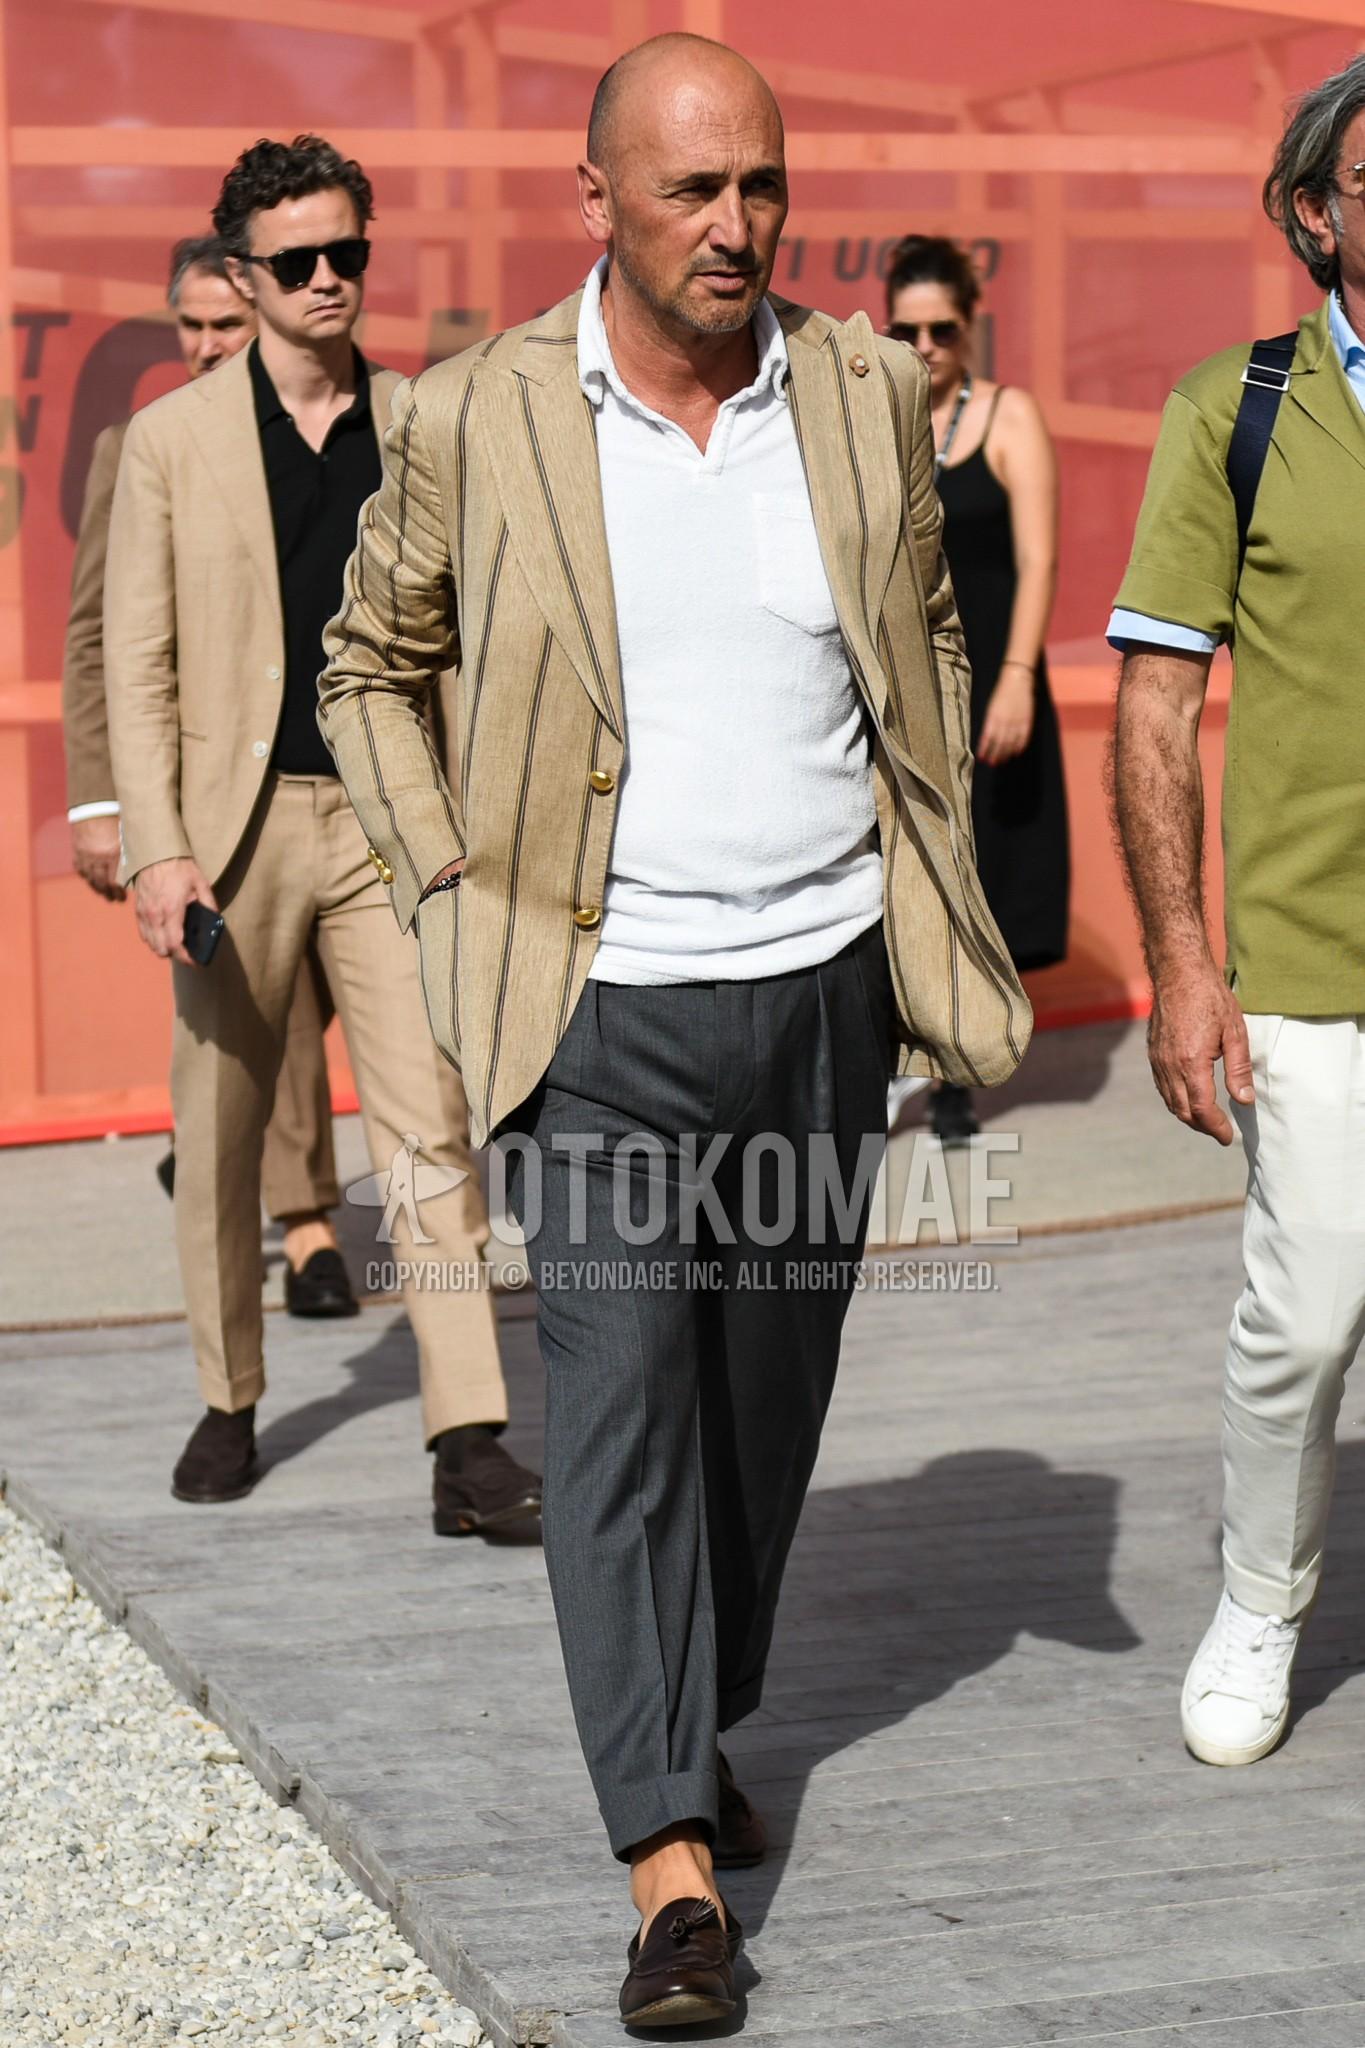 ベージュストライプのテーラードジャケット、白無地のポロシャツ、グレー無地のスラックス、ブラウンタッセルローファーの革靴を合わせた春夏秋のメンズコーデ・着こなし。